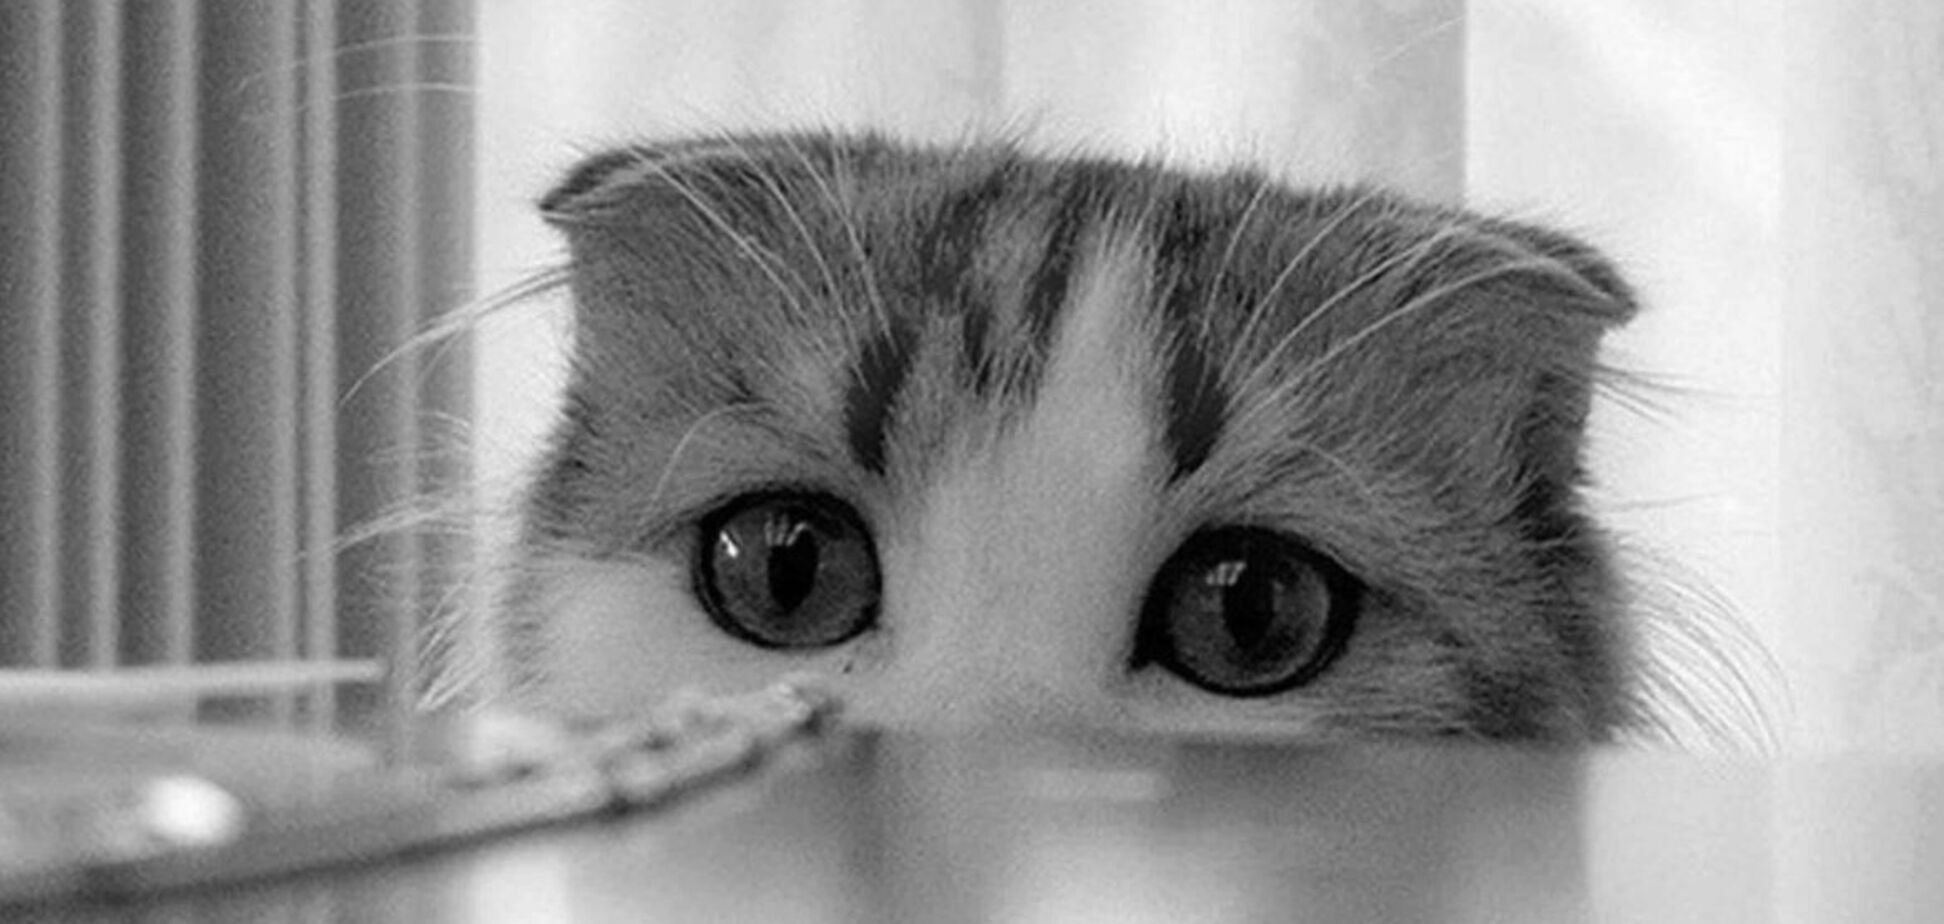 В Ужгороде убили котенка (иллюстрация)